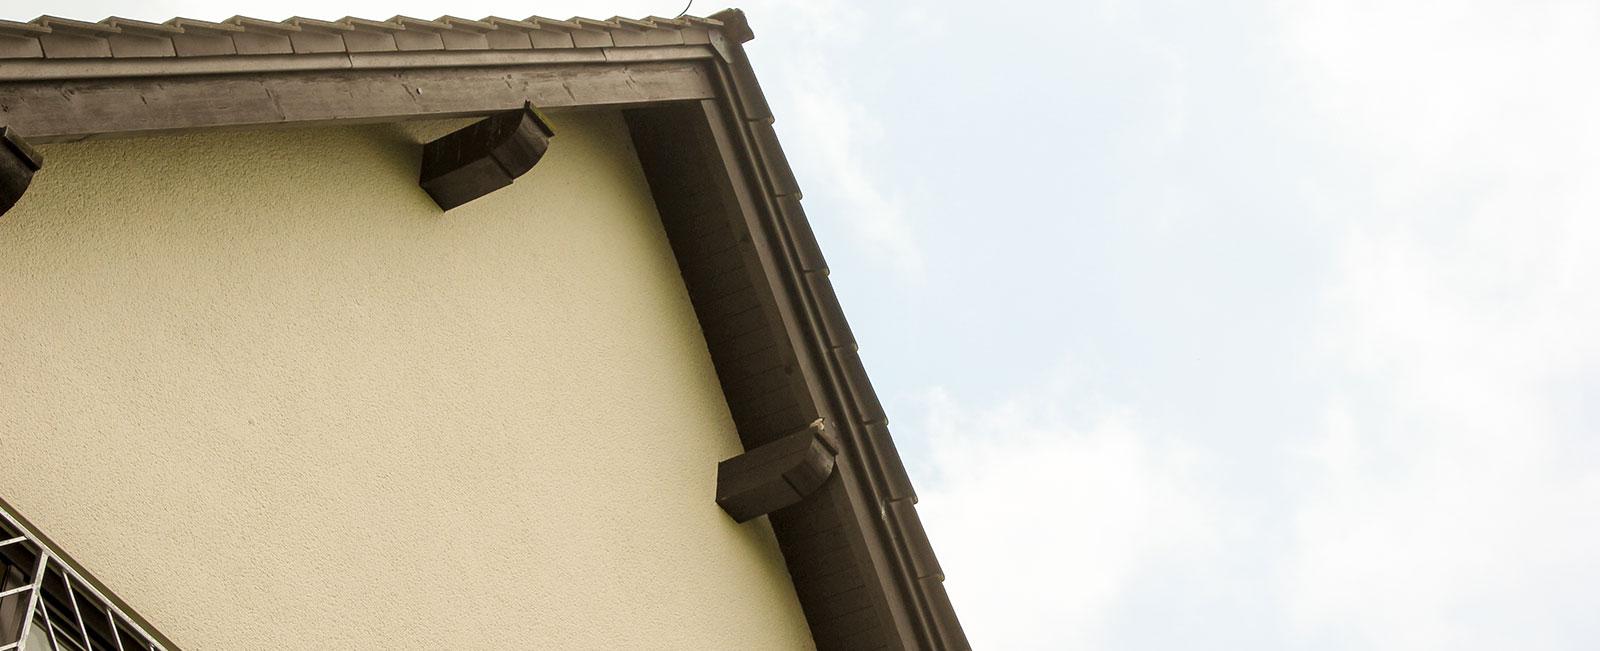 Haus-auf-der-Hardt-Pflege-Erkrankungen-Hilfsangebot-Header-Haus-Himmel-Fenster-Wolken-Dienstleister-Betreutes-Wohnen-Therapie-Zentrum-Leistungen-Ambulant-Stationär